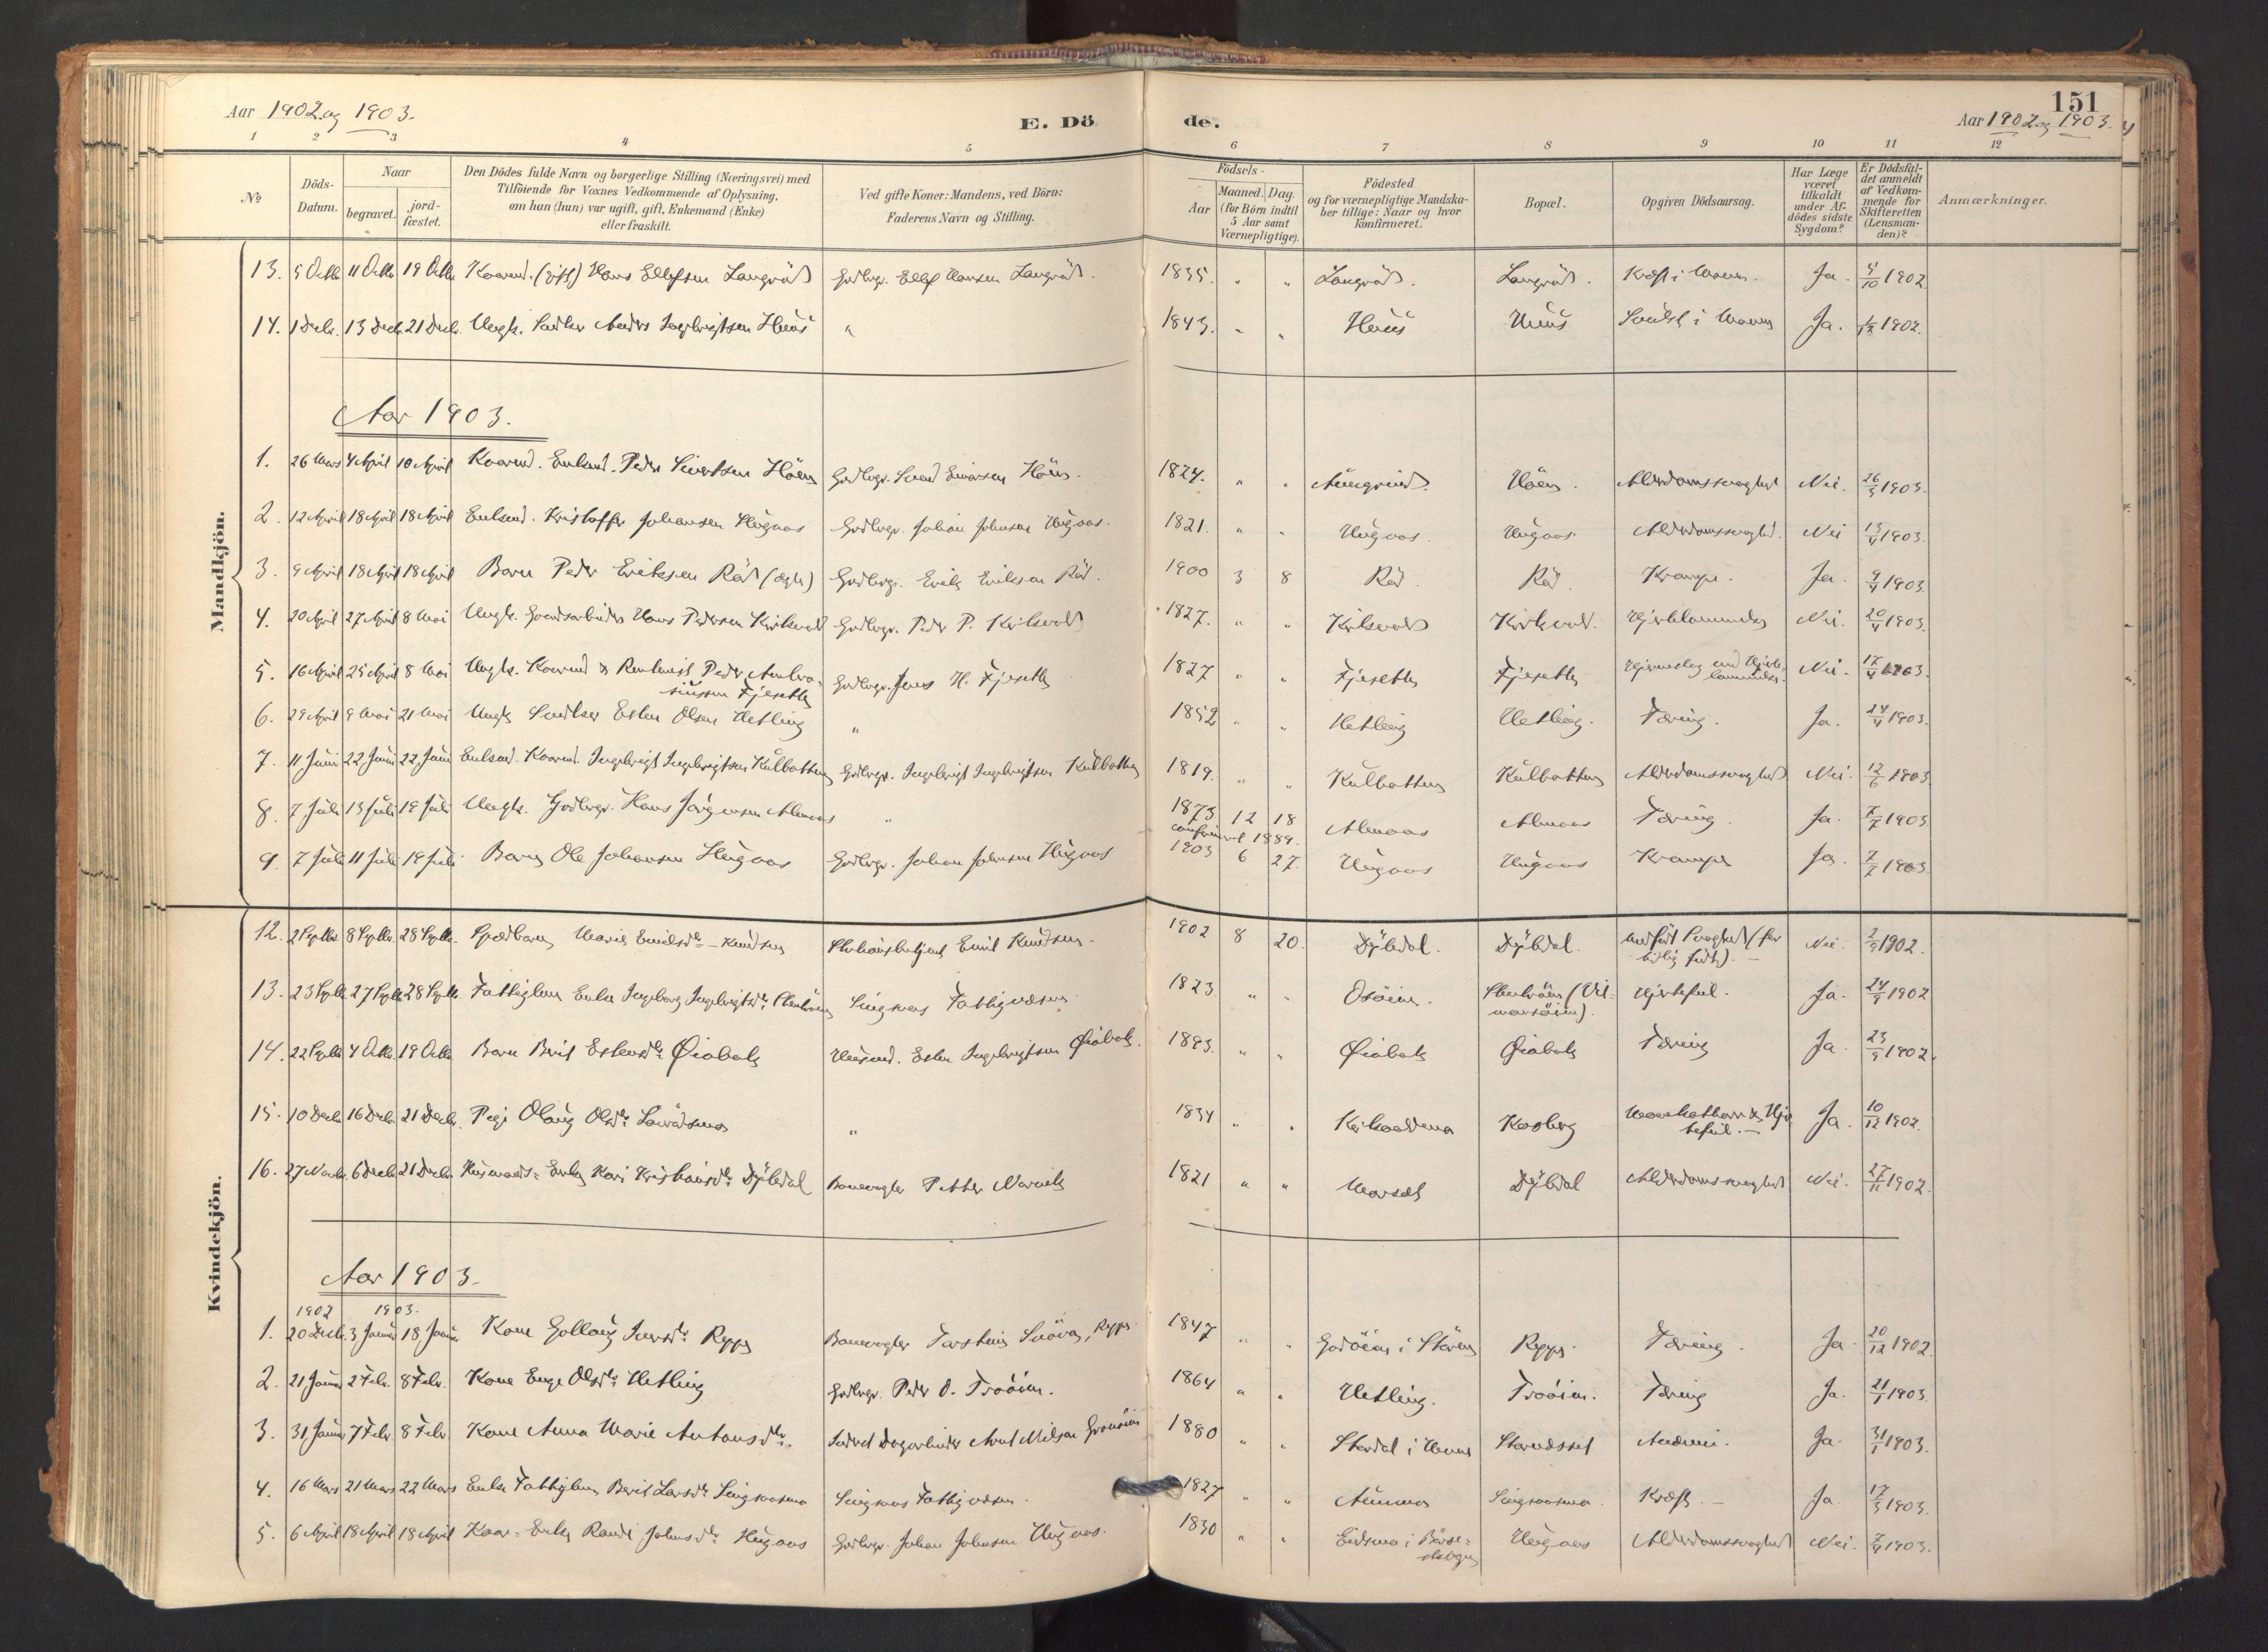 SAT, Ministerialprotokoller, klokkerbøker og fødselsregistre - Sør-Trøndelag, 688/L1025: Ministerialbok nr. 688A02, 1891-1909, s. 151